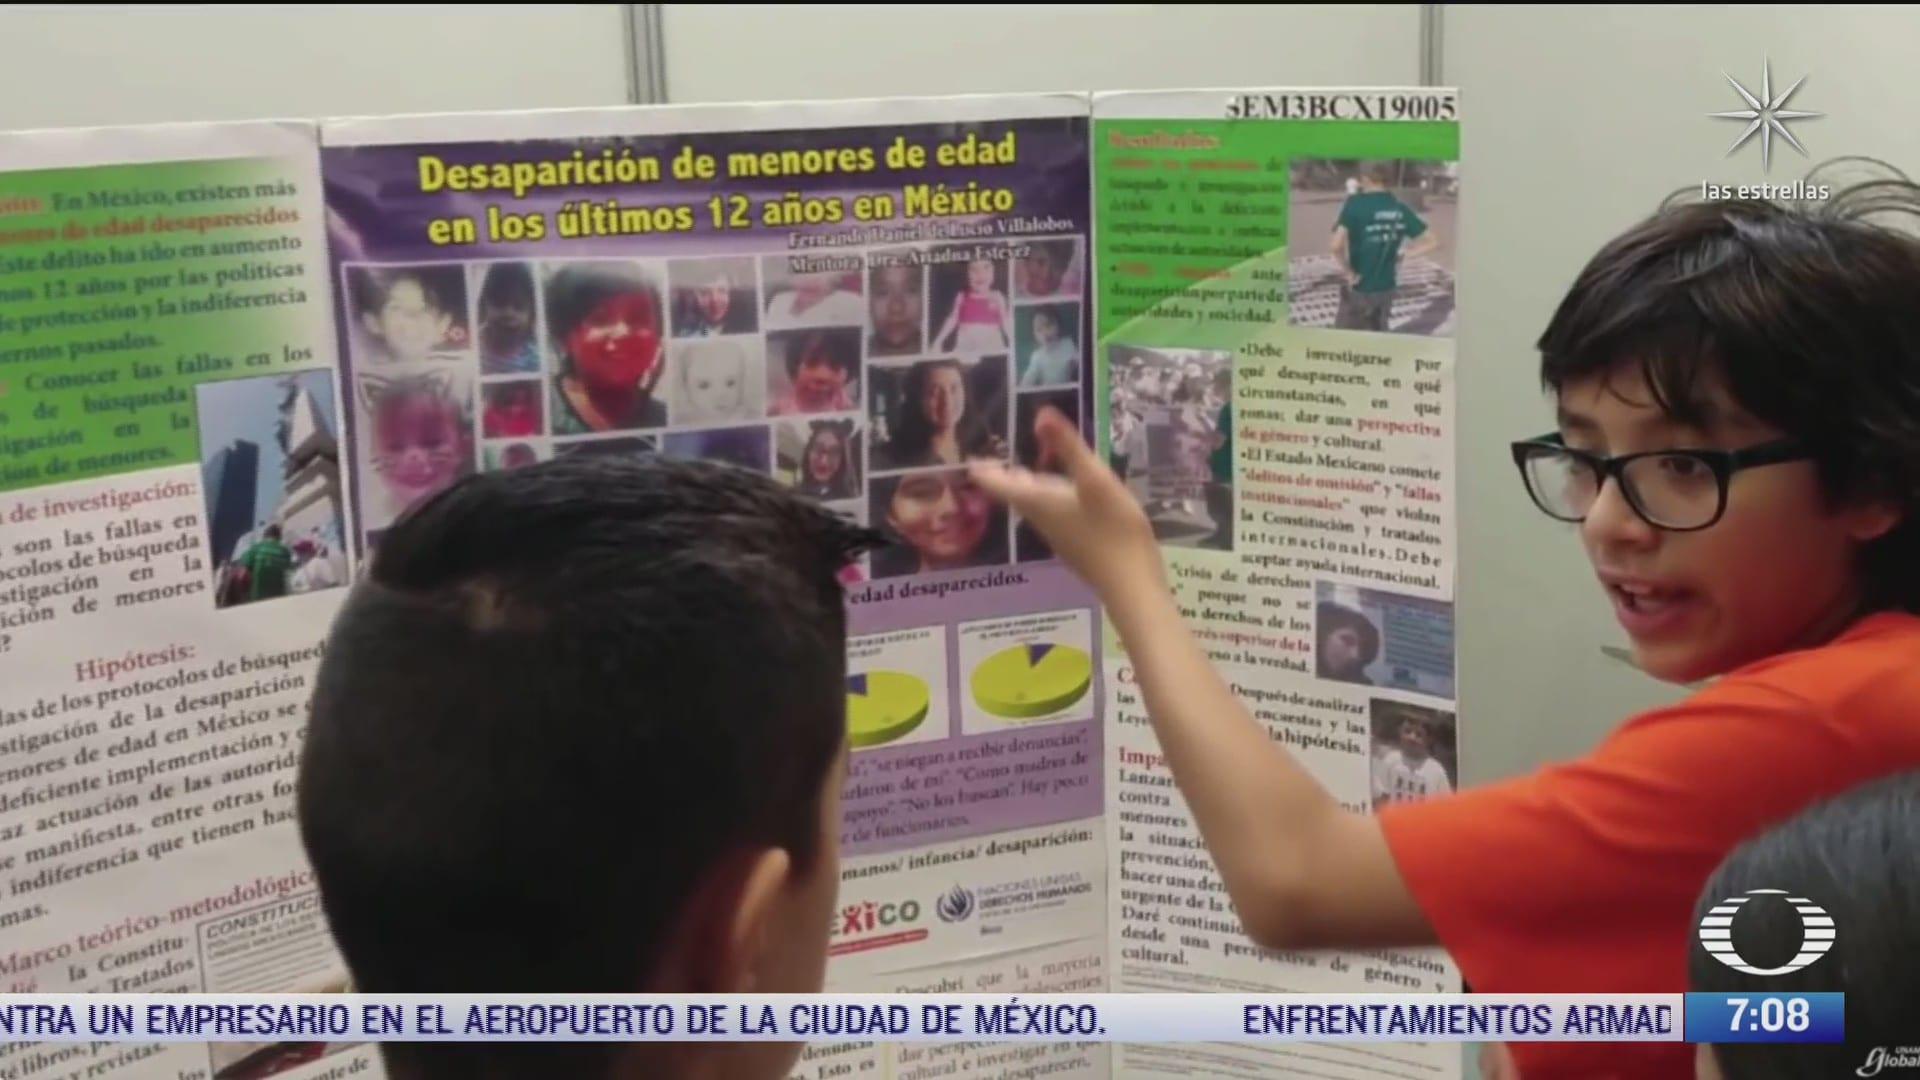 fernando de lucio el activista de 14 anos que lucha contra desapariciones de ninas ninos y adolescentes en mexico